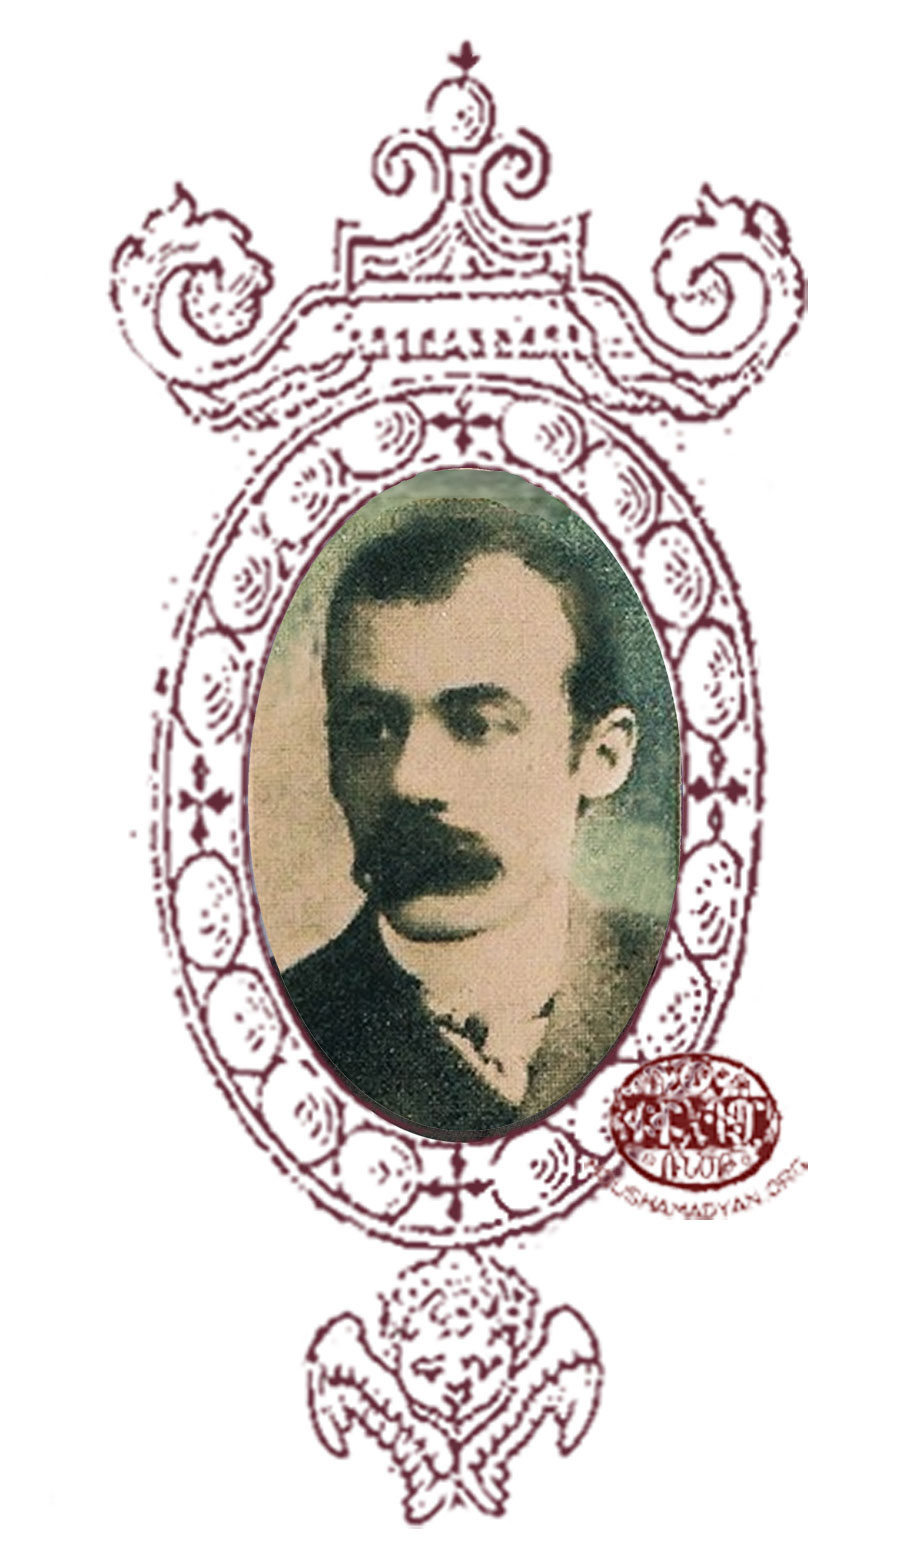 Hovhannes Bucikanyan